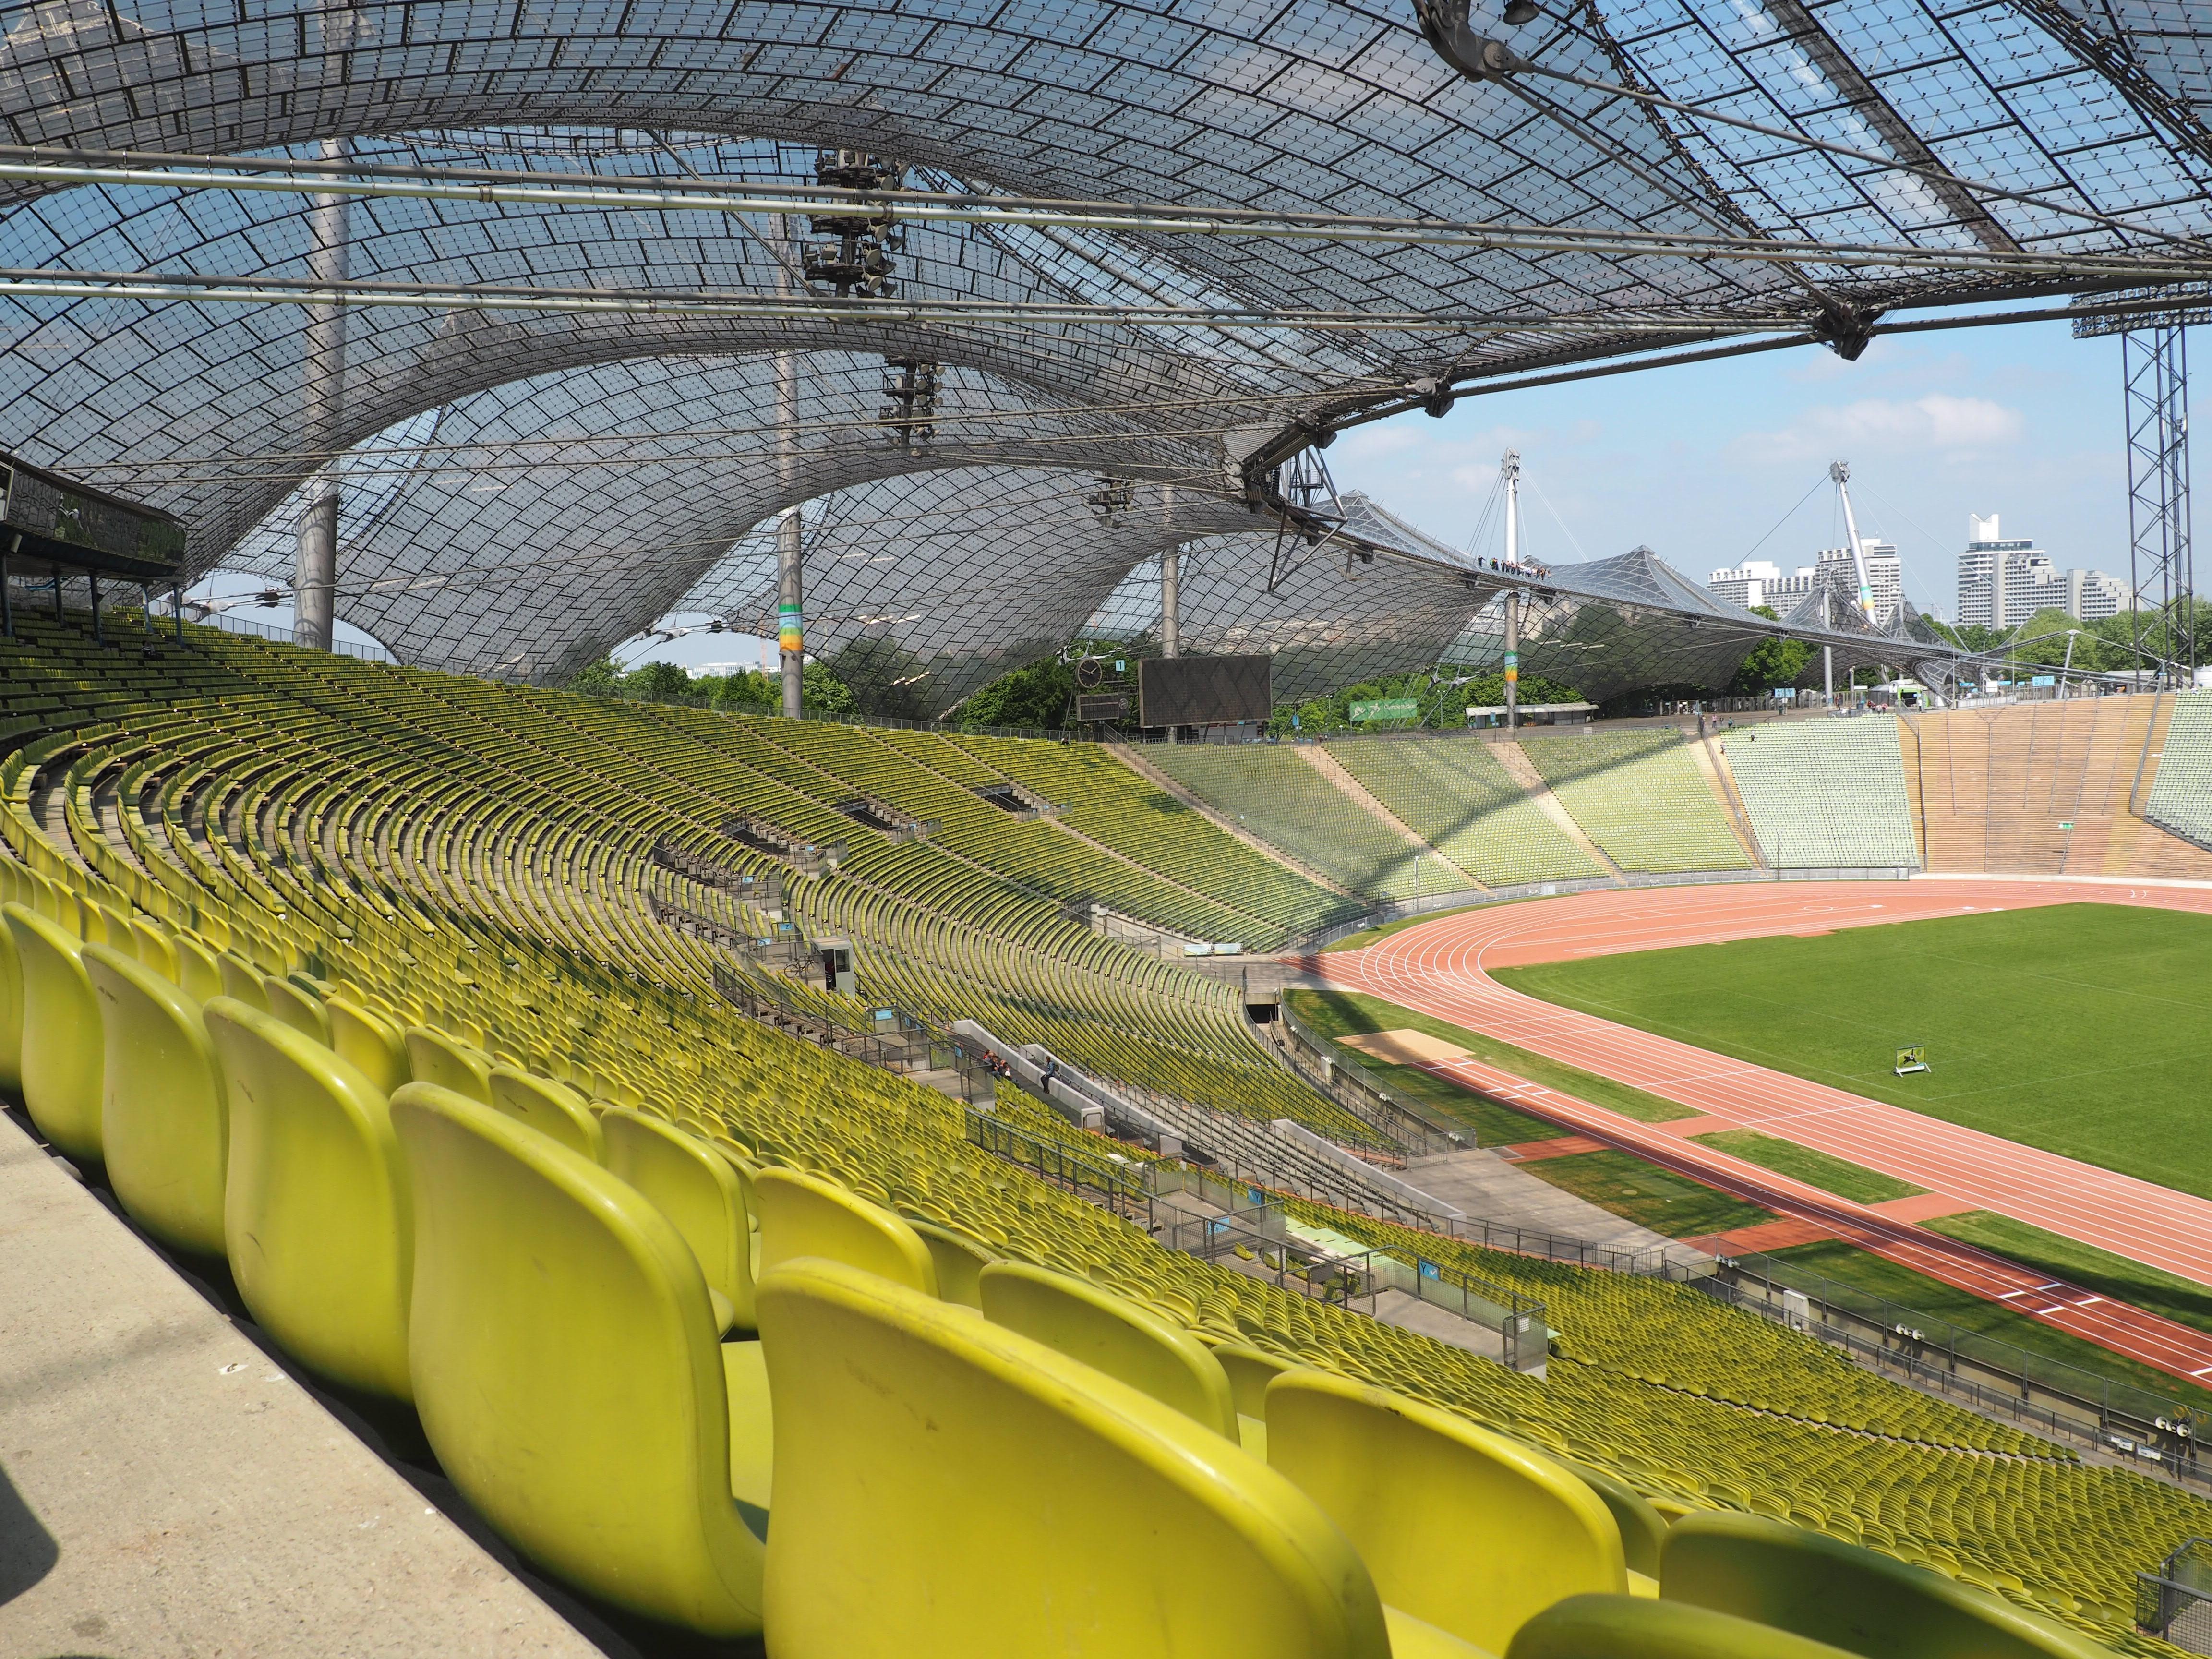 Beeindruckendes Olympiastadion in München